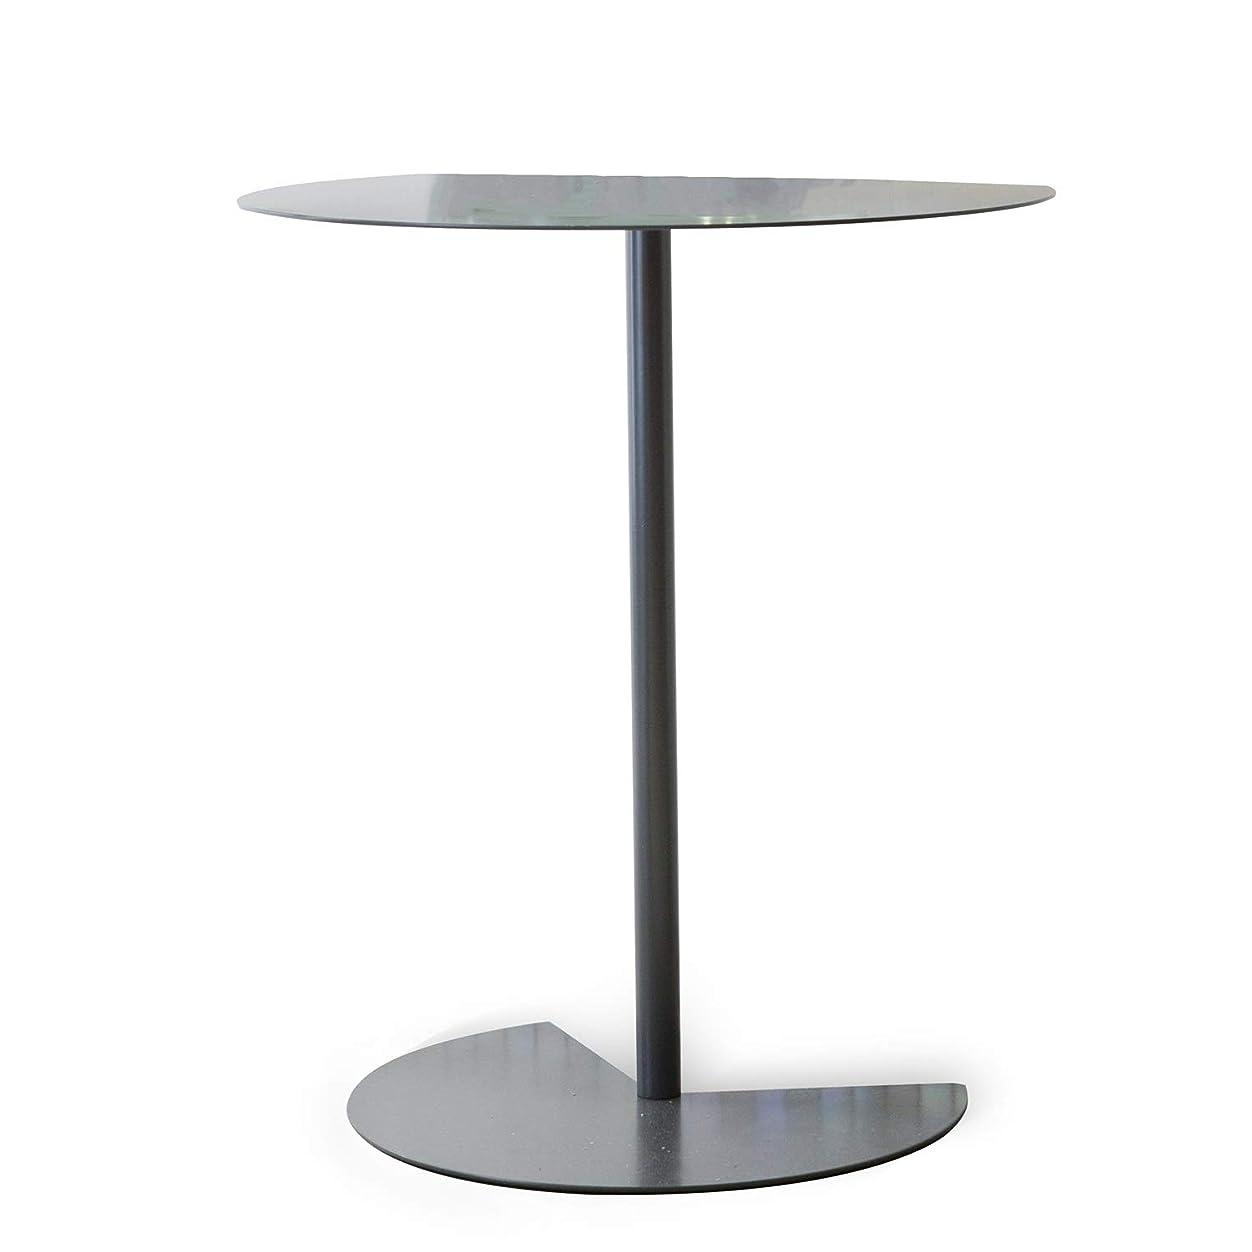 がっかりする推進、動かす関係ないベイタイ ソファテーブル、サイドテーブルリビングルーム、北欧サイドシンプルでモダンなクリエイティブ小さなコーヒーテーブルリビングルームスモール表バルコニー円卓錬鉄製のコーヒーテーブル交渉表 (Color : Black)